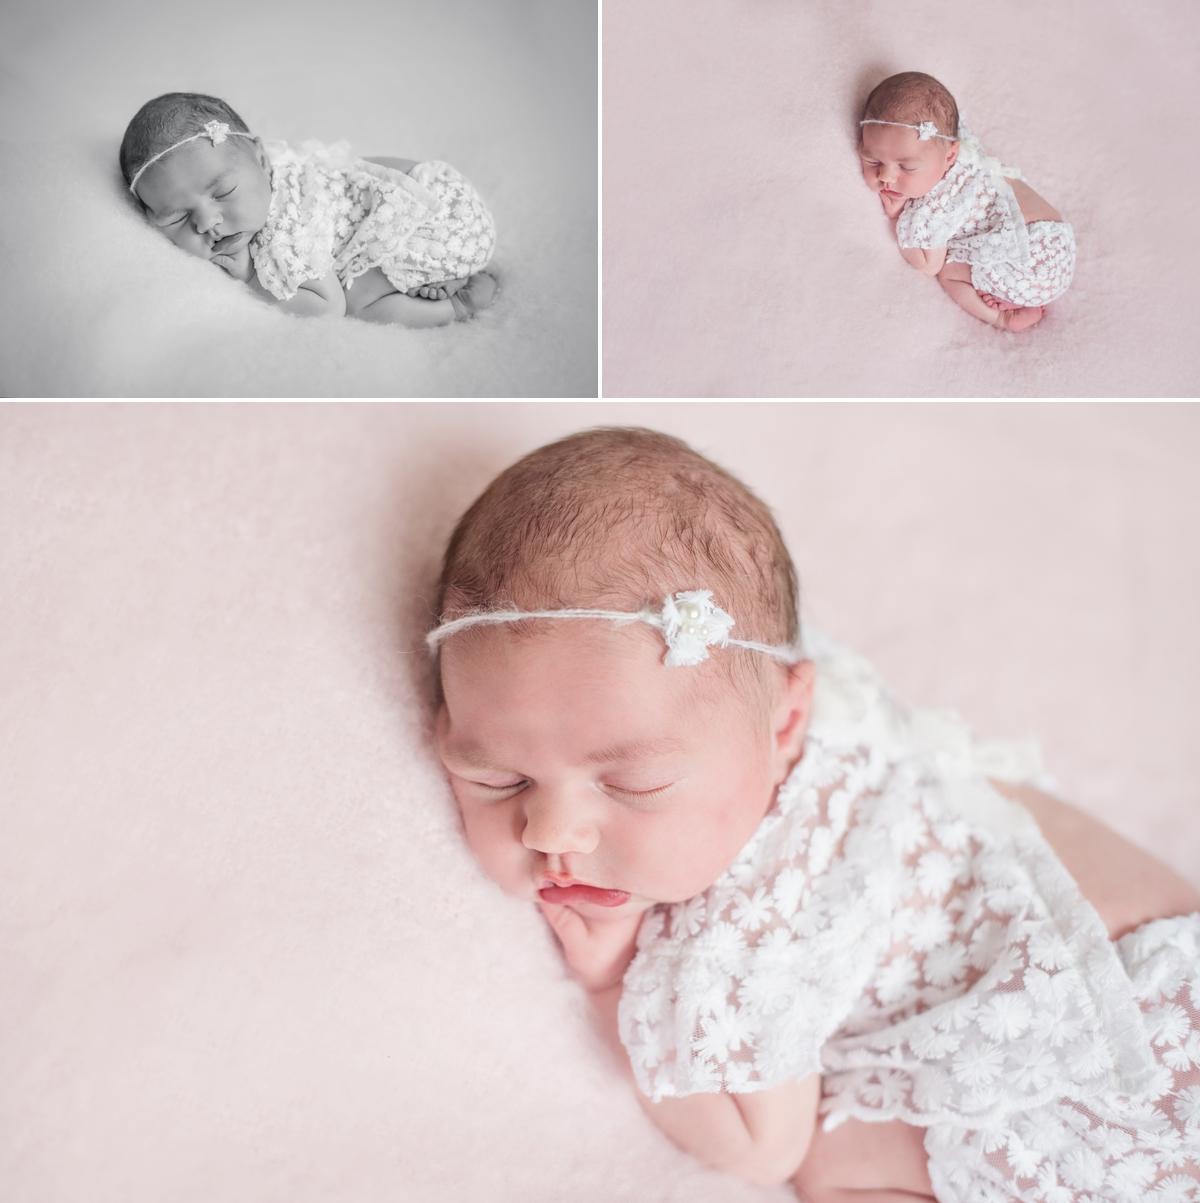 photographe-bébé-naissance-rennes-petra-kovacova